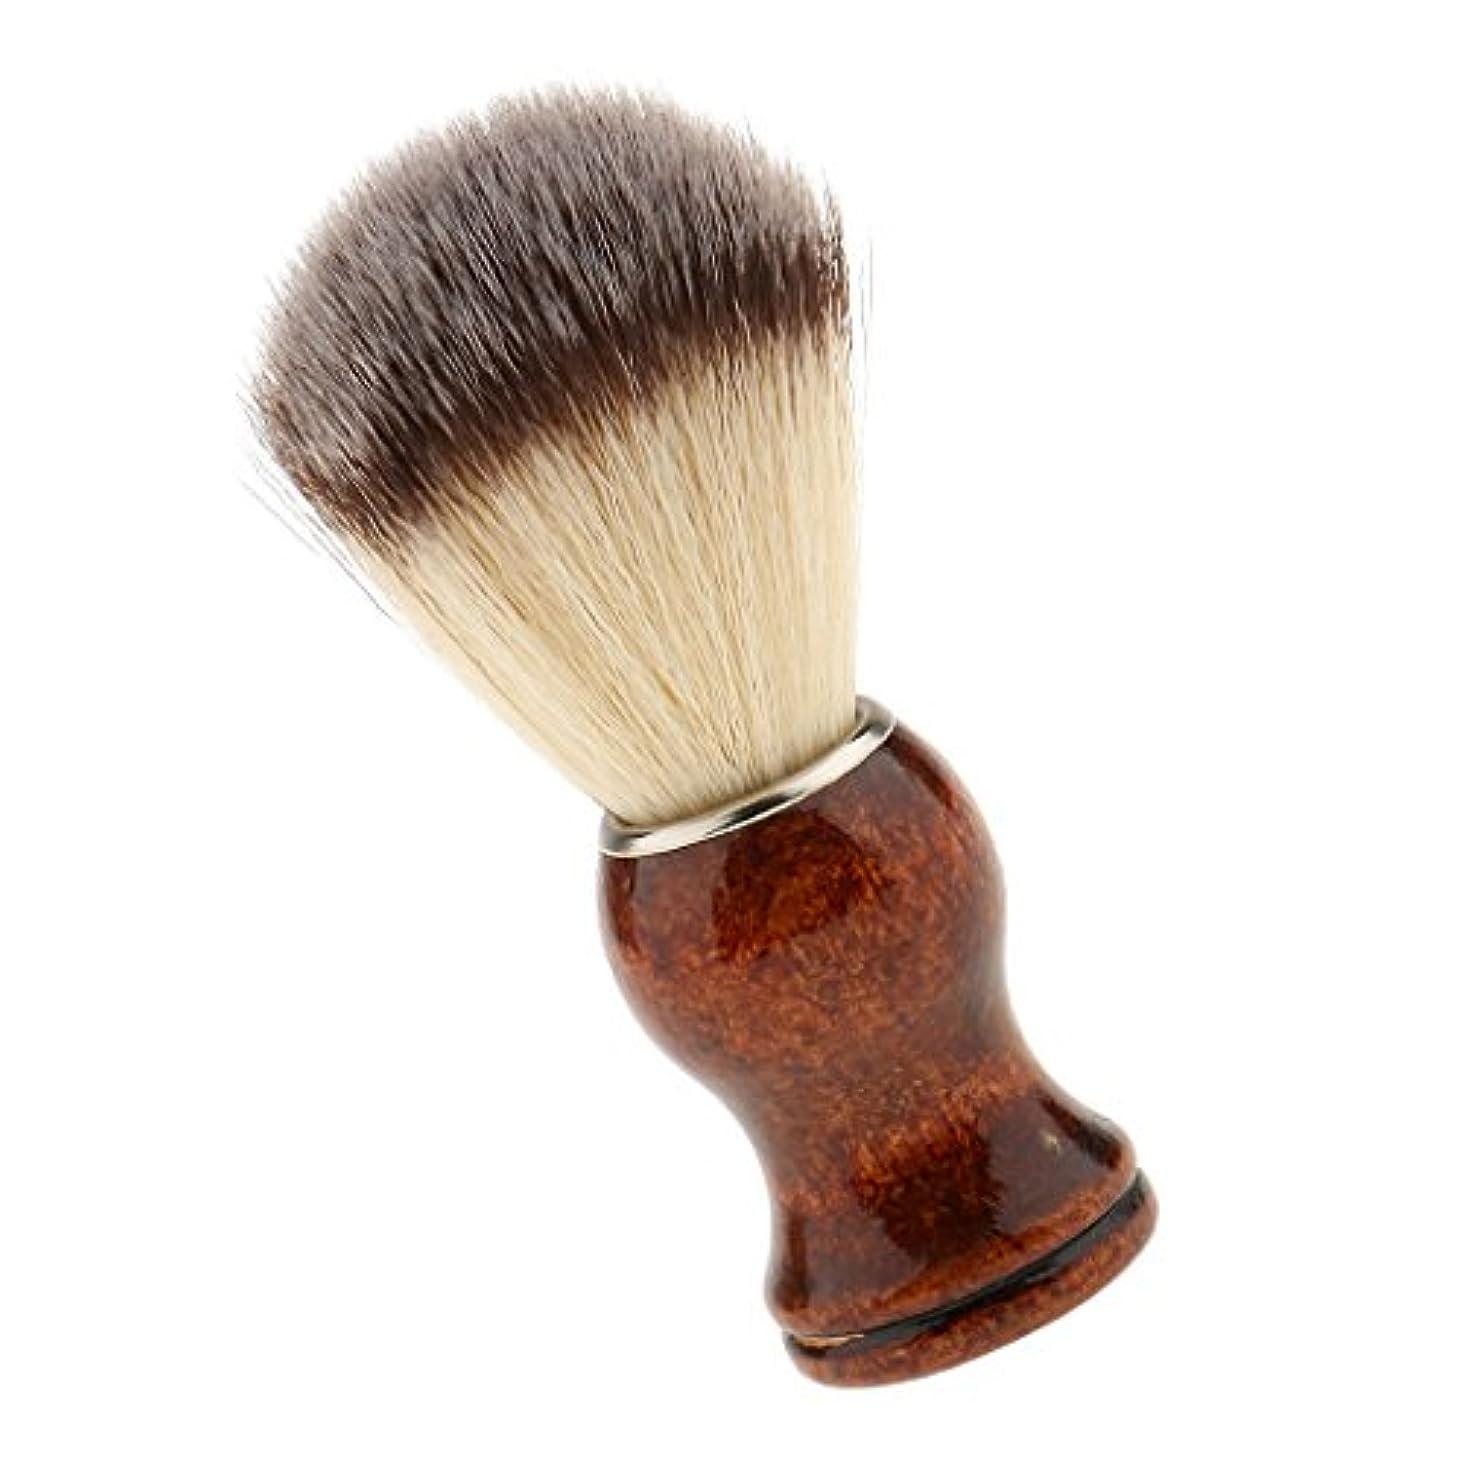 有用チーター噴出するSONONIA サロン 理髪用 ナイロン シェービングブラシ 首/顔 散髪整理  泡たてやすい ひげブラシ